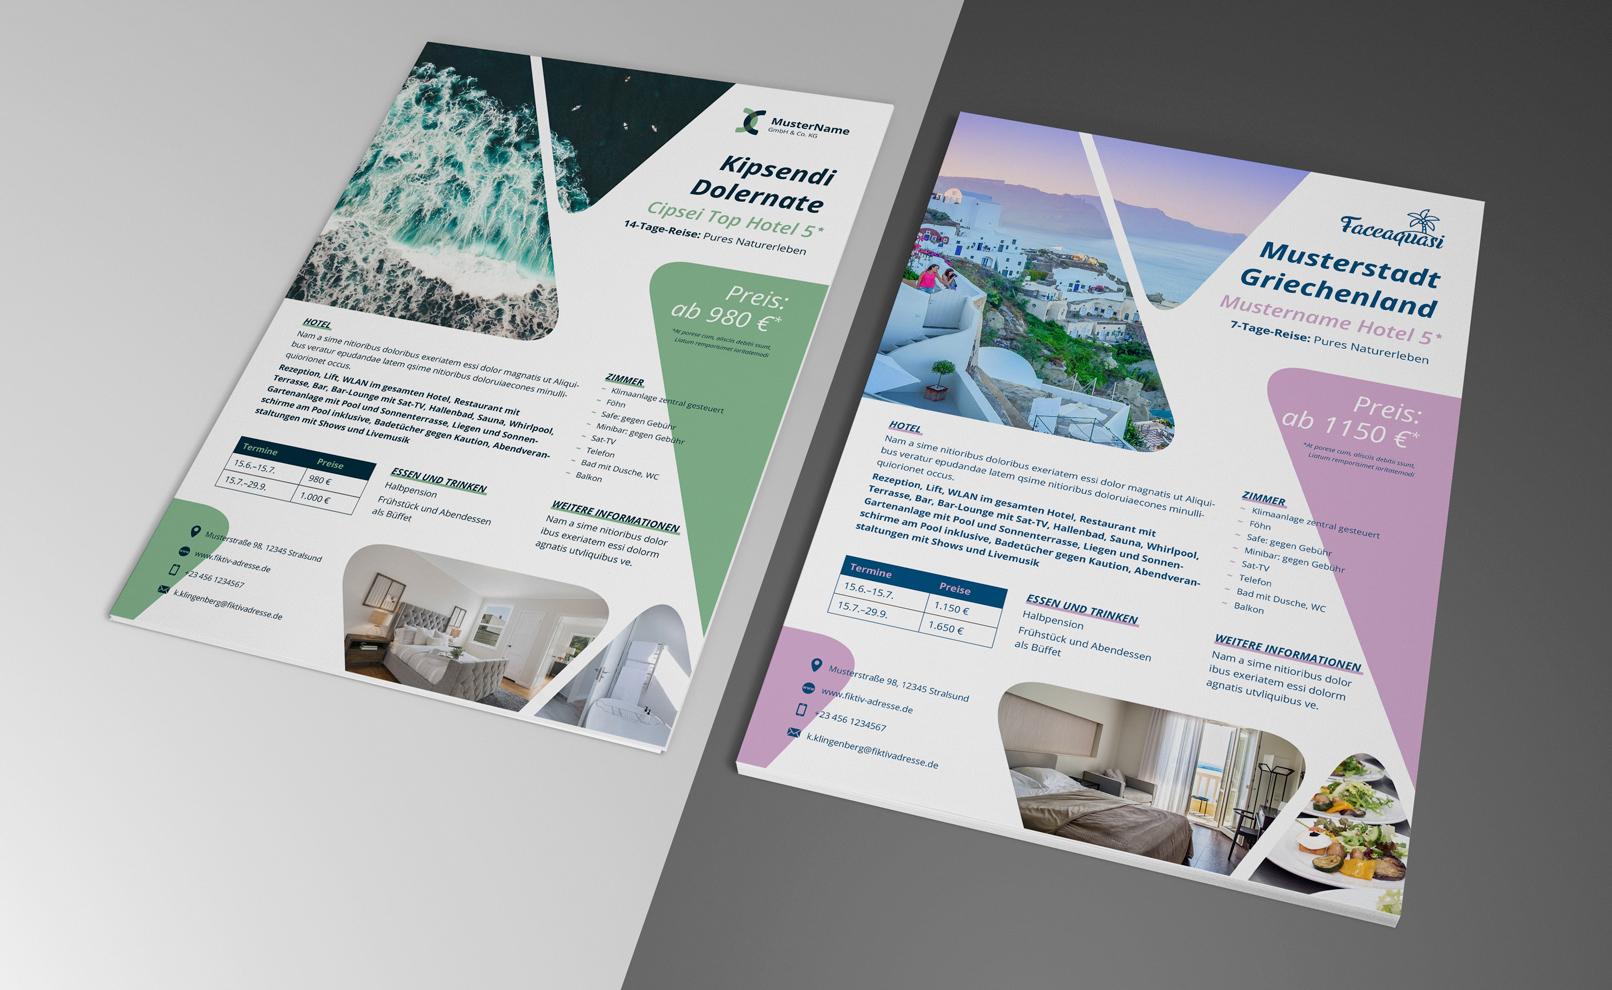 Flyer-Vorlagen im A4-Format zur Gestaltung eines Aushangs zur Schaufensterwerbung in Reisebüros